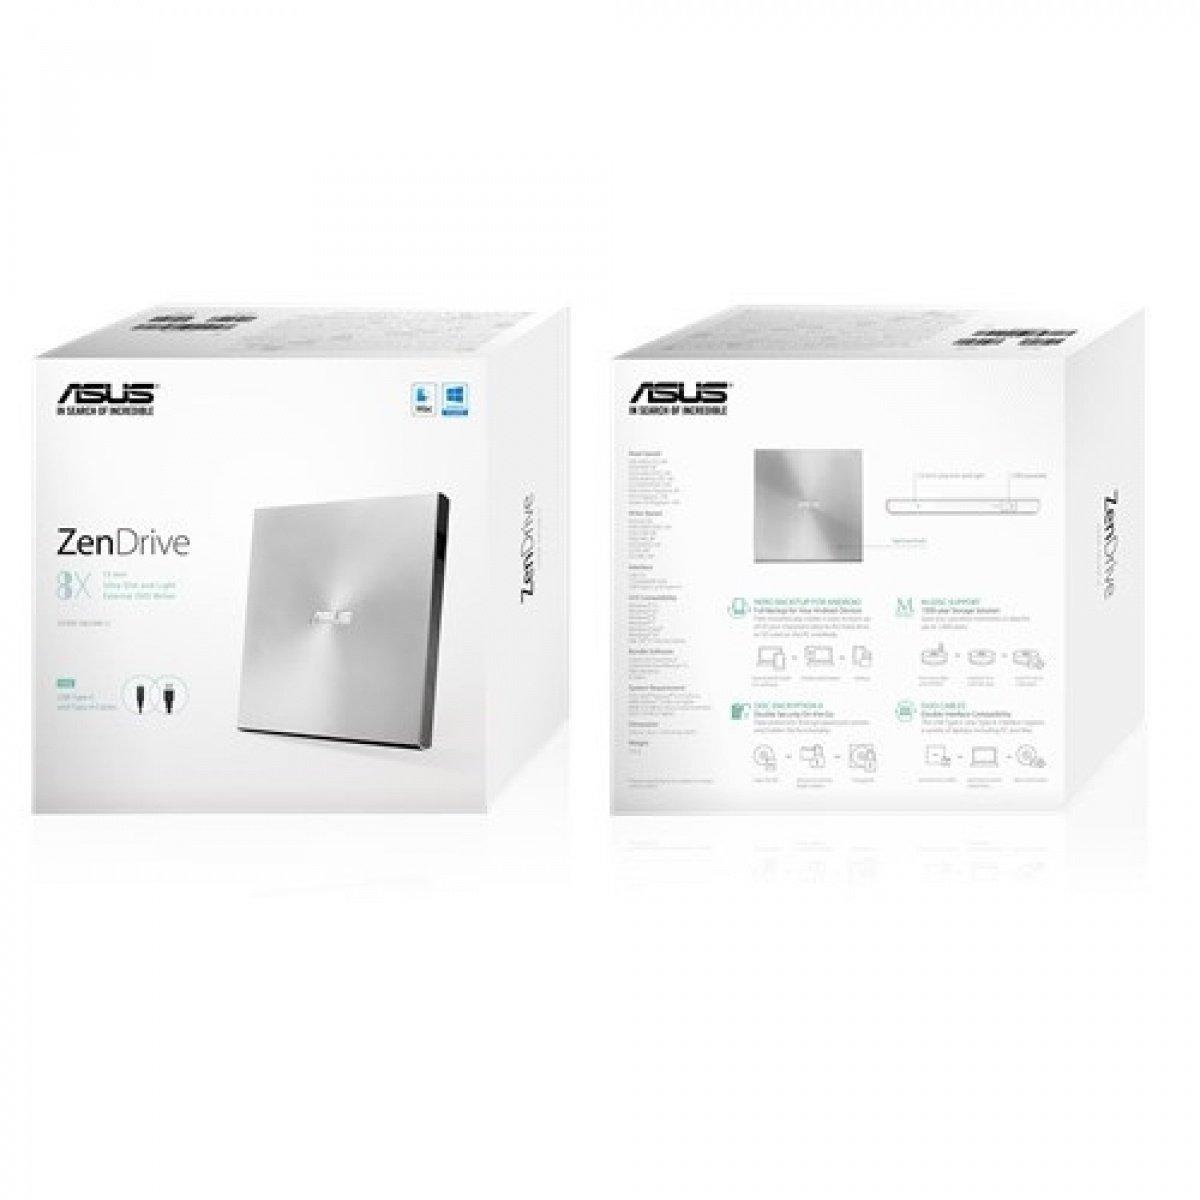 Зовнішній оптичний привід ASUS DVD ± R/RW USB 2.0 ZenDrive U9M Silver фото3